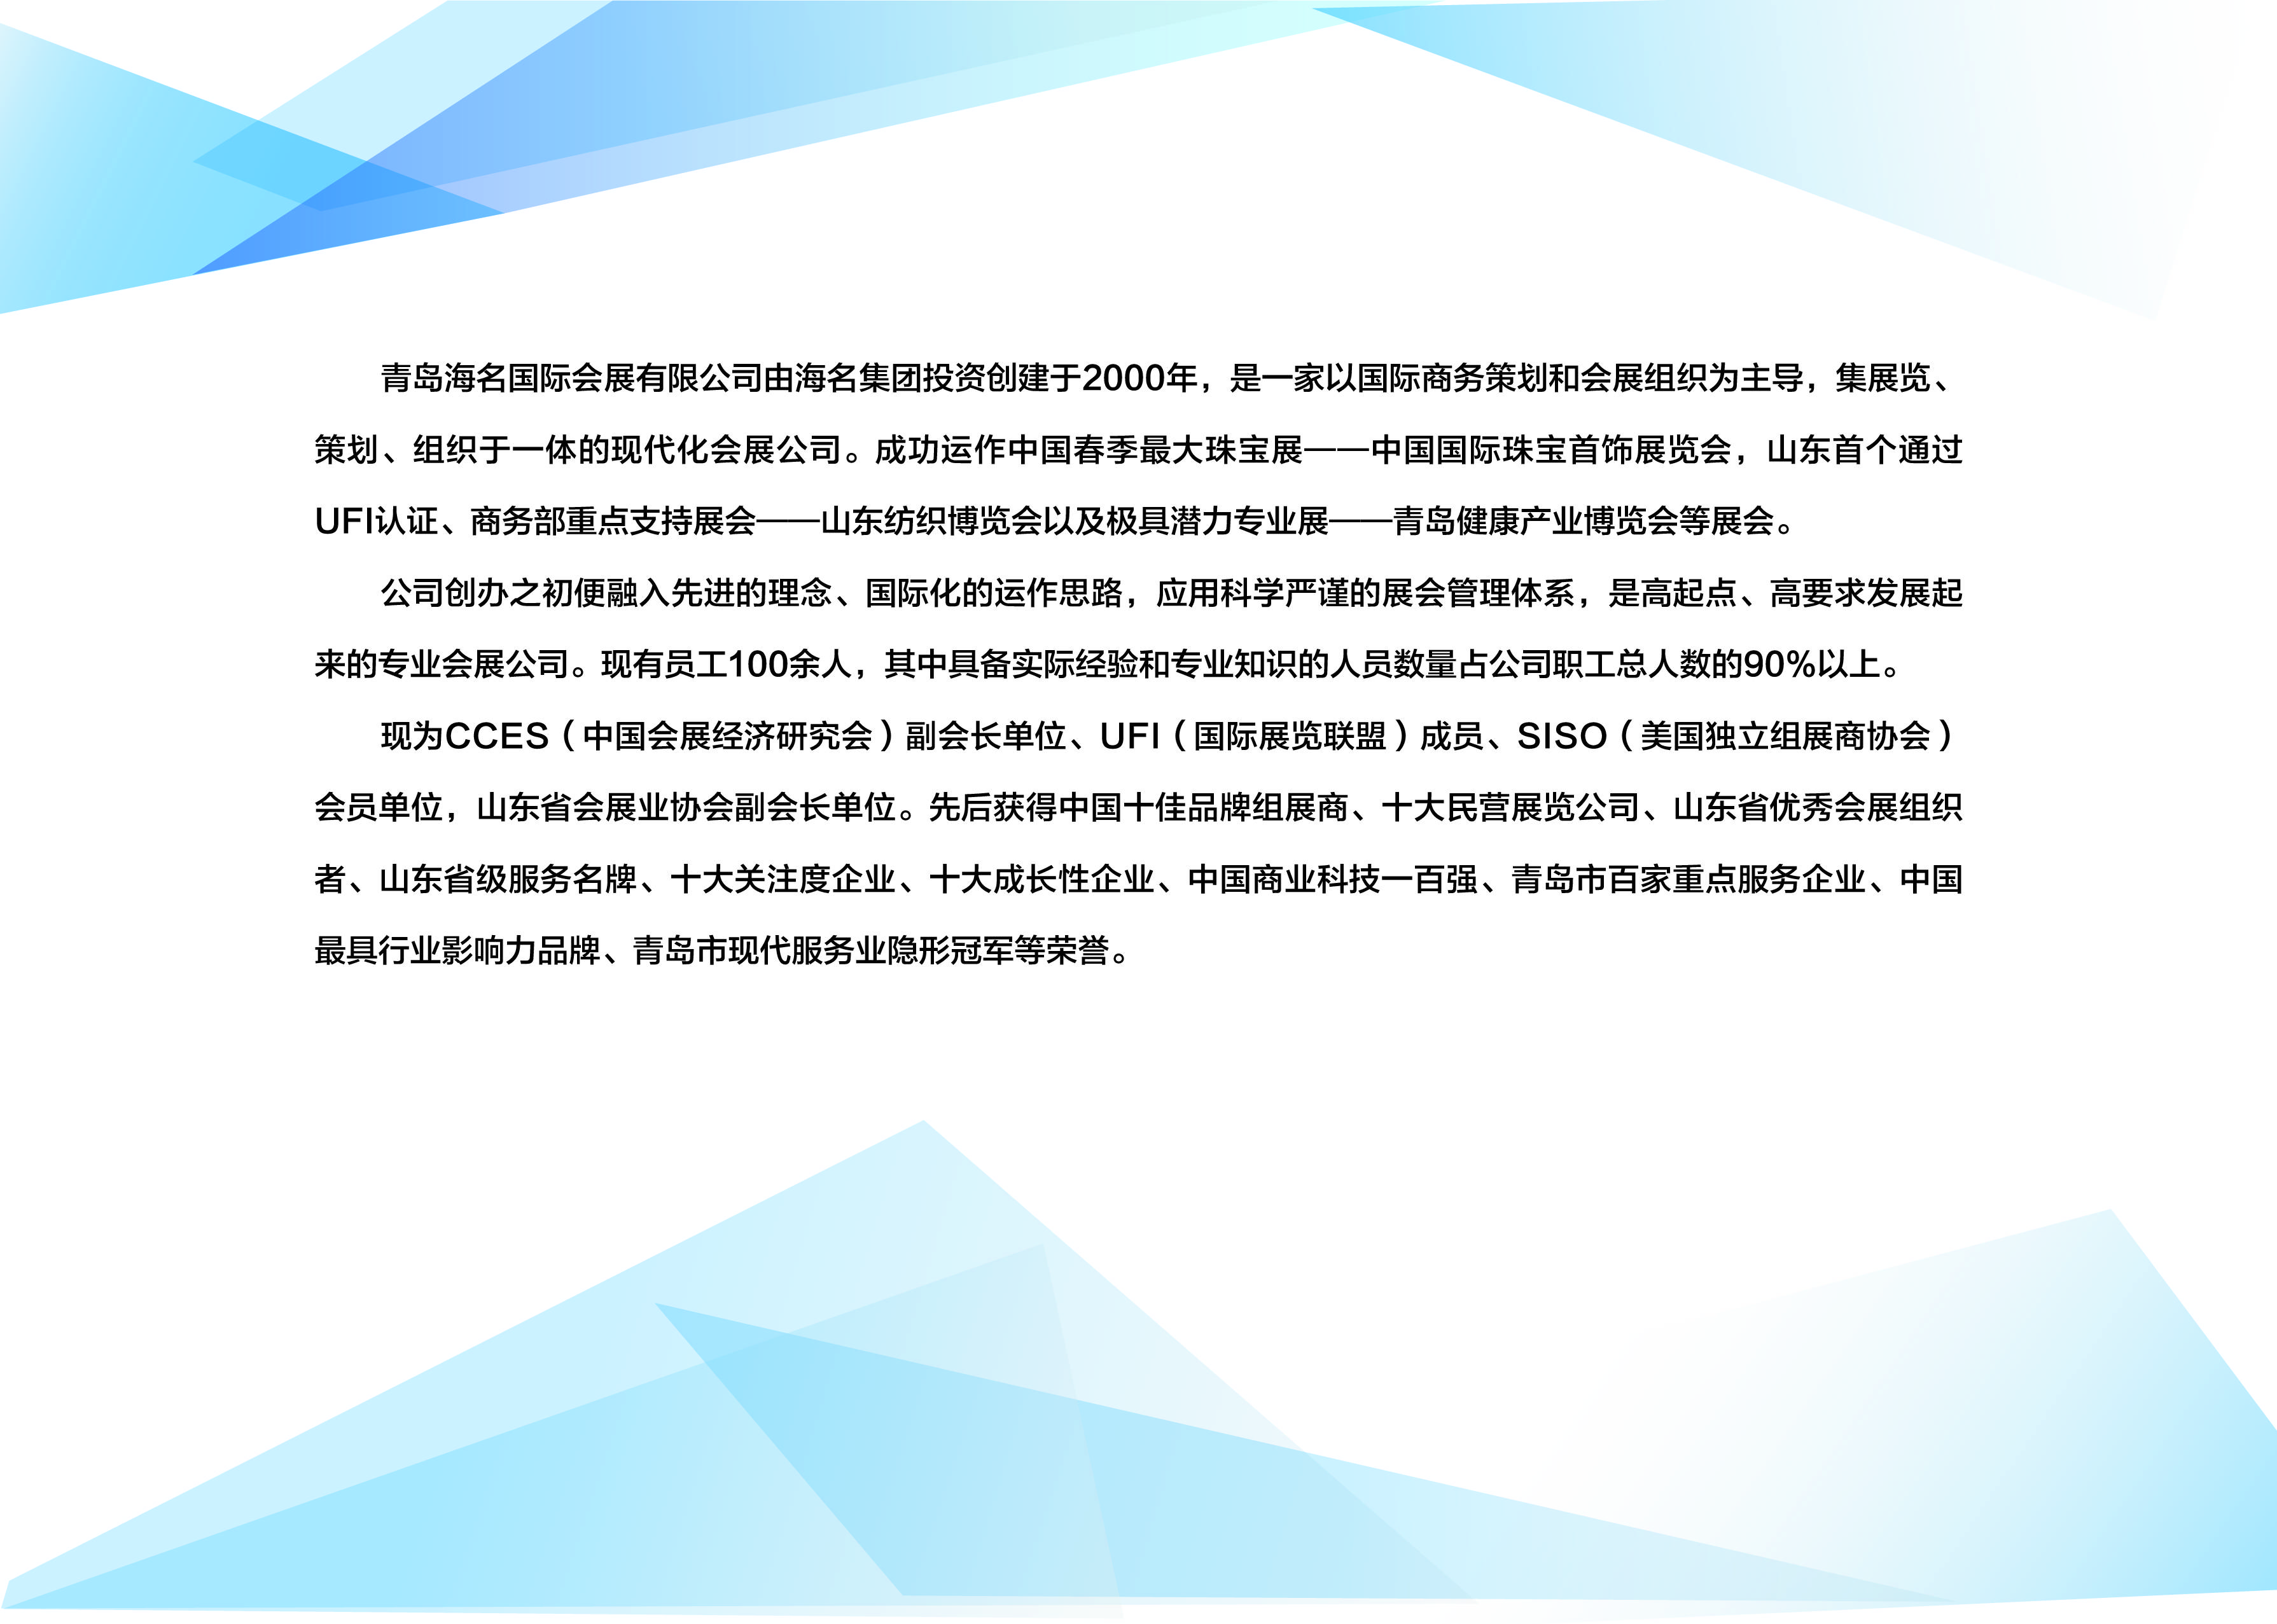 公司简介新-中文_Artboard 2.jpg